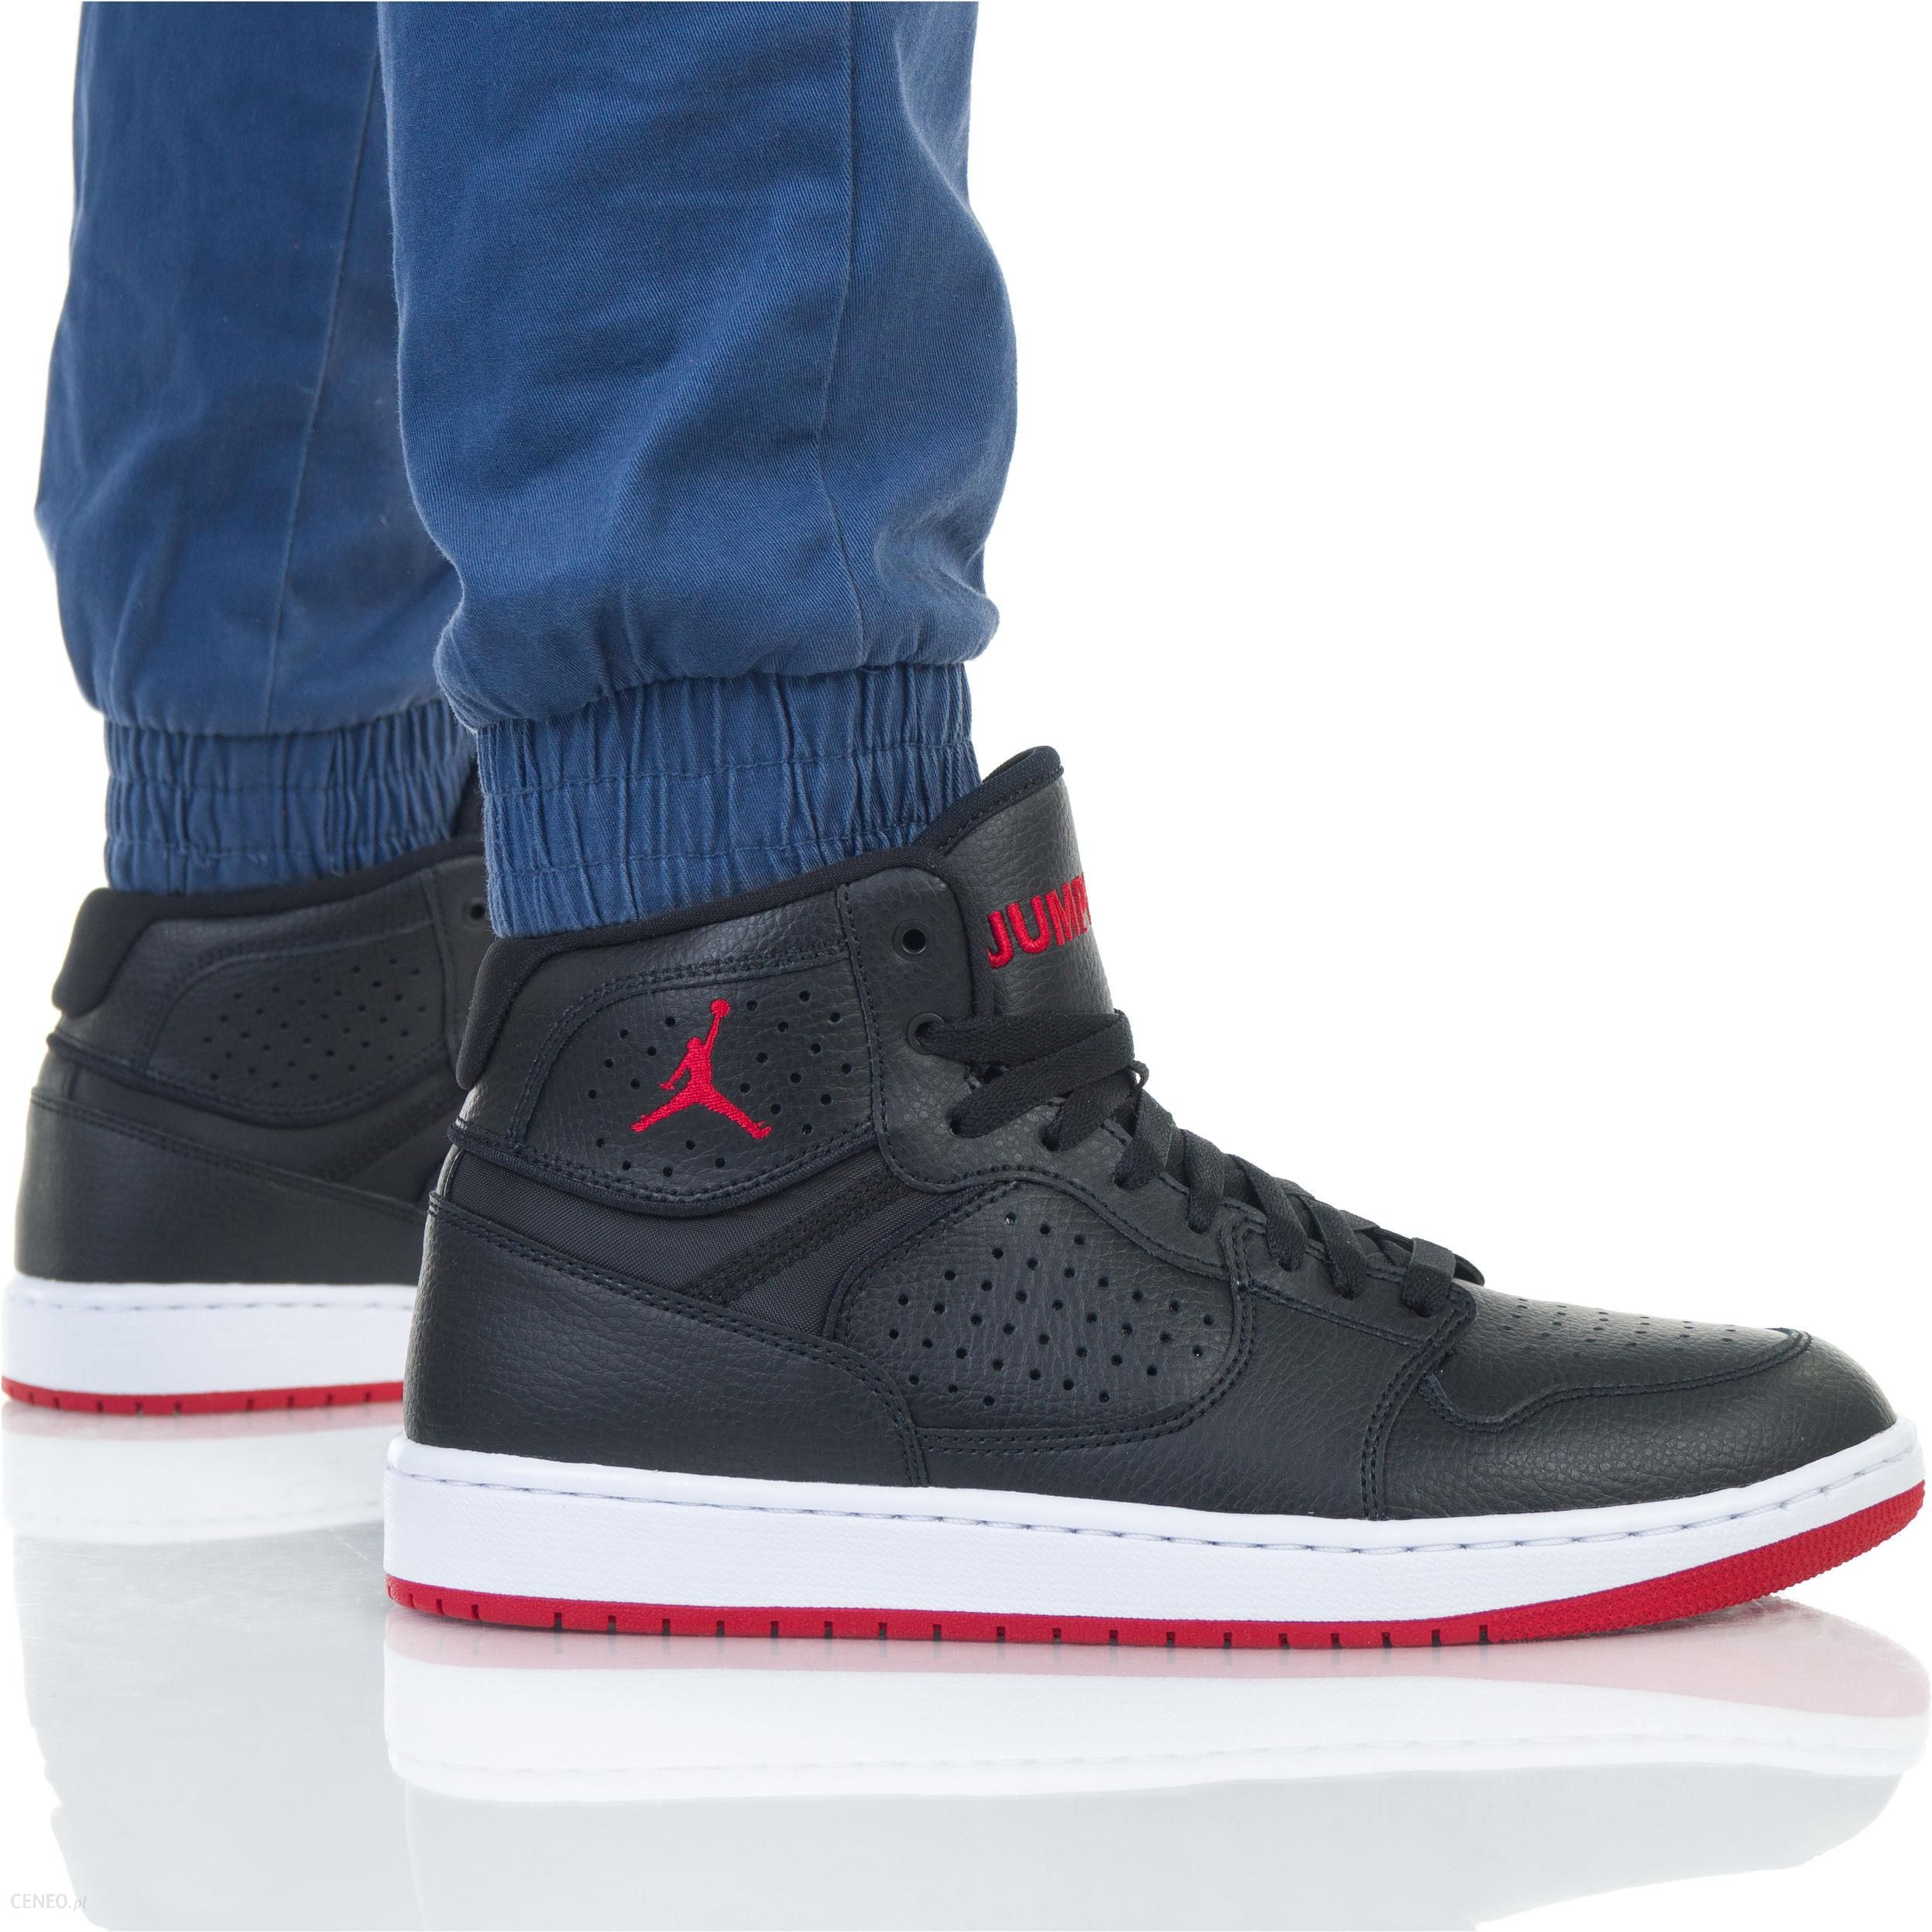 Buty Nike Męskie Jordan Access AR3762 001 Czarne Ceny i opinie Ceneo.pl